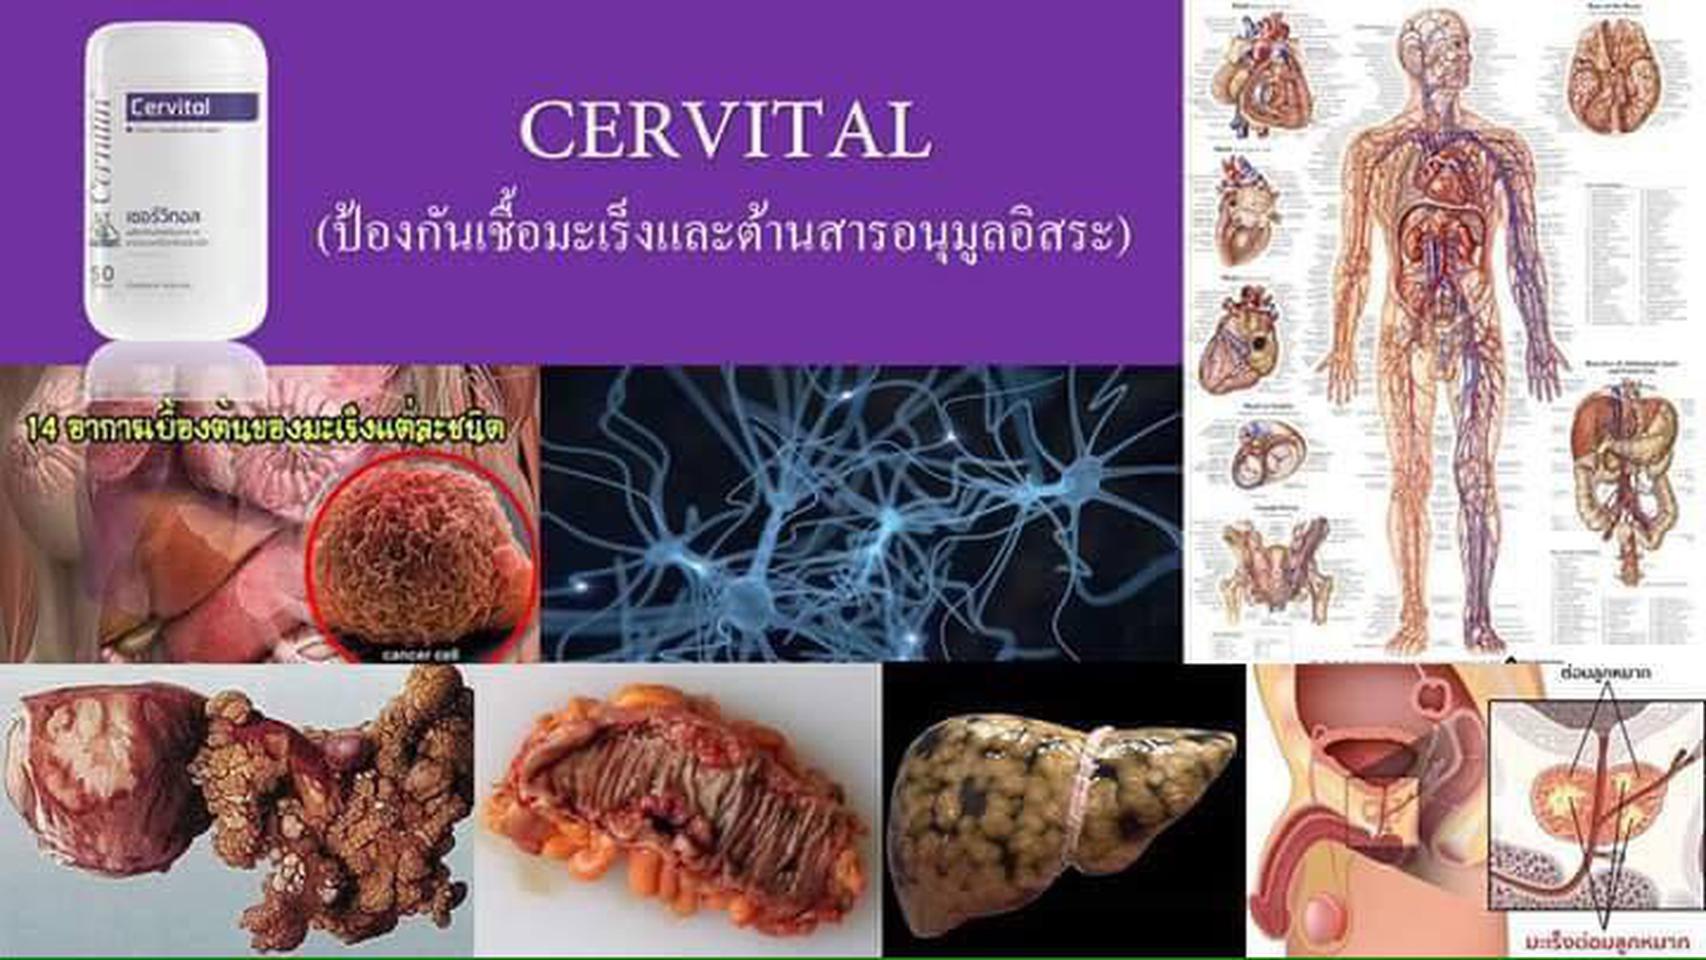 CERVITAL เซอร์วิทอล (สีม่วง),บำรุงผิวพรรณ, บำรุงรากผม,ฟื้นฟู รูปที่ 6